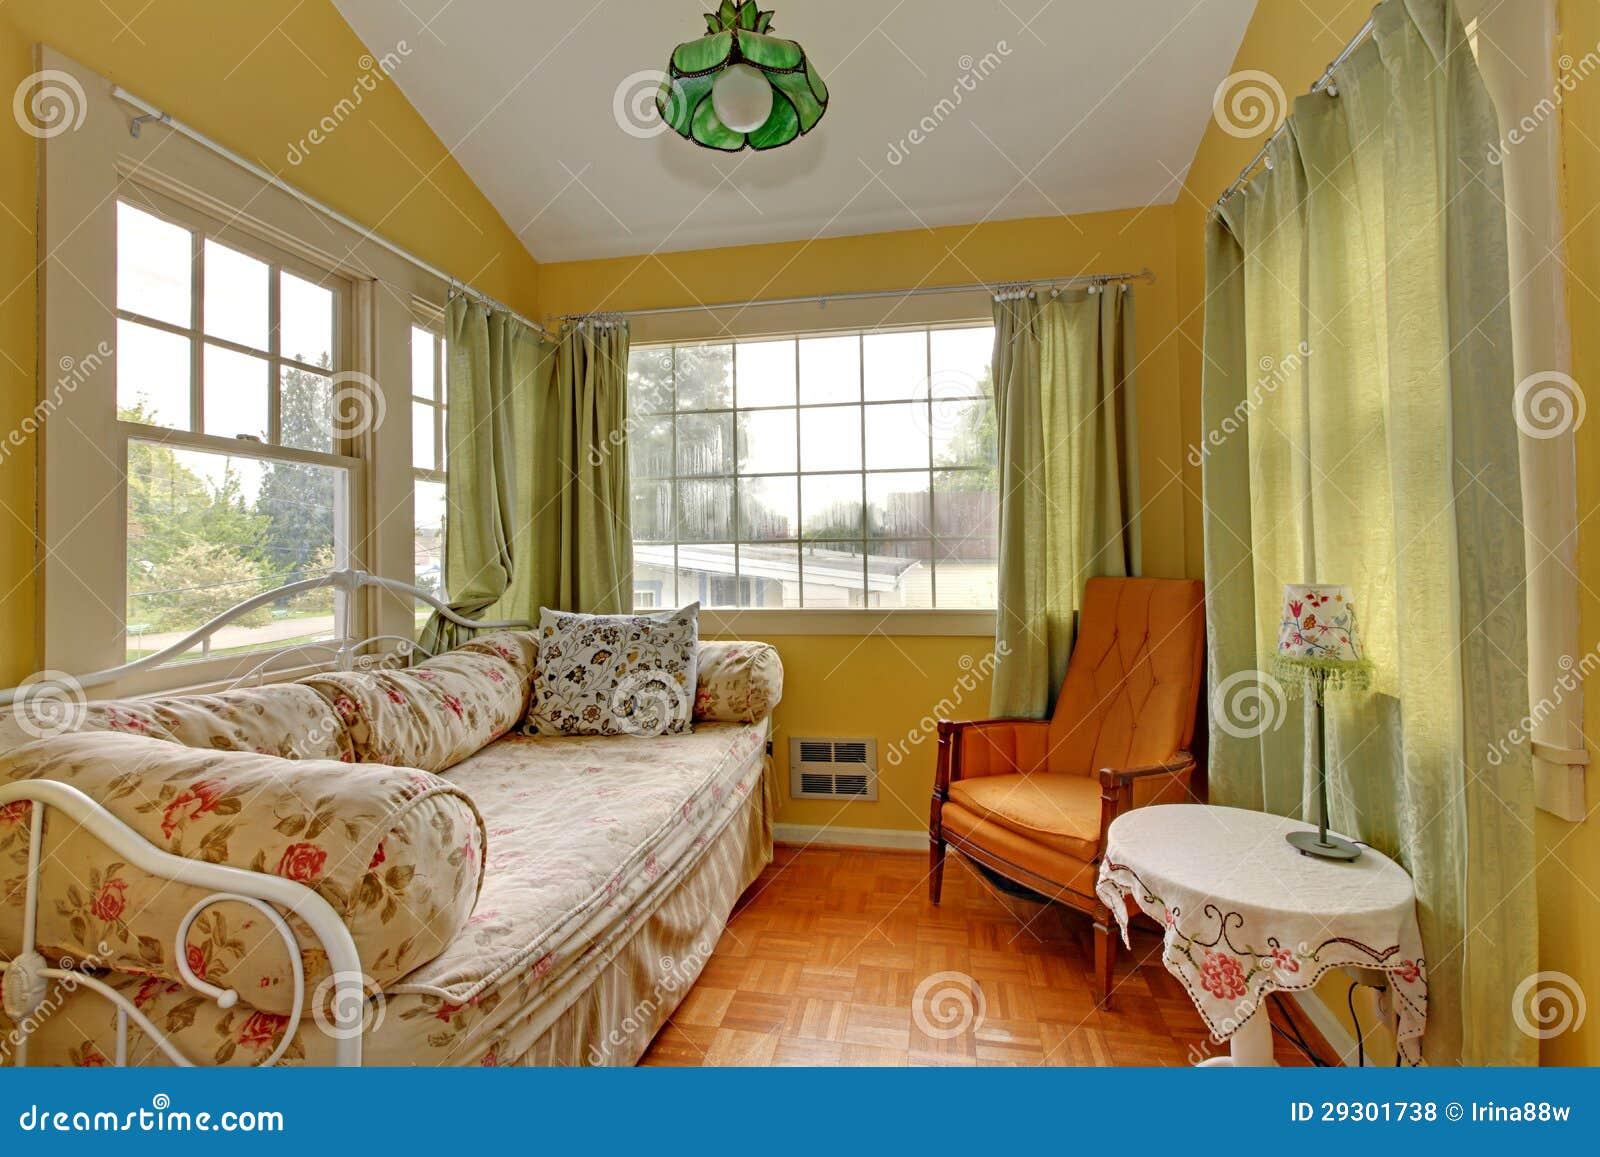 Ideeen voor de woonkamer plafond gehoor geven aan uw huis - Decoratie woonkamer plafond ...